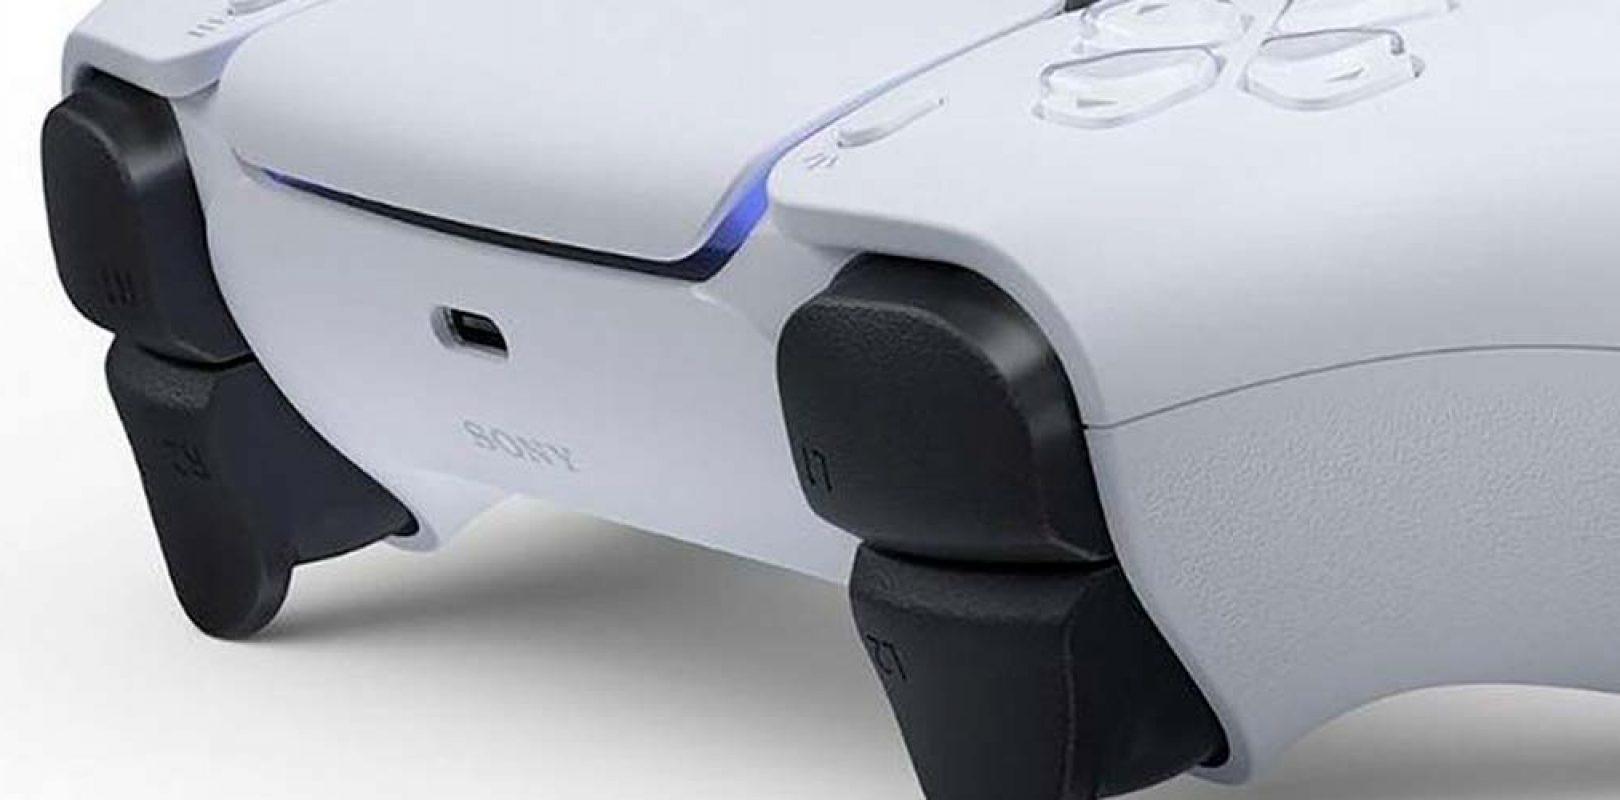 Albert Penella alaba el diseño del Dualsense de PS5-